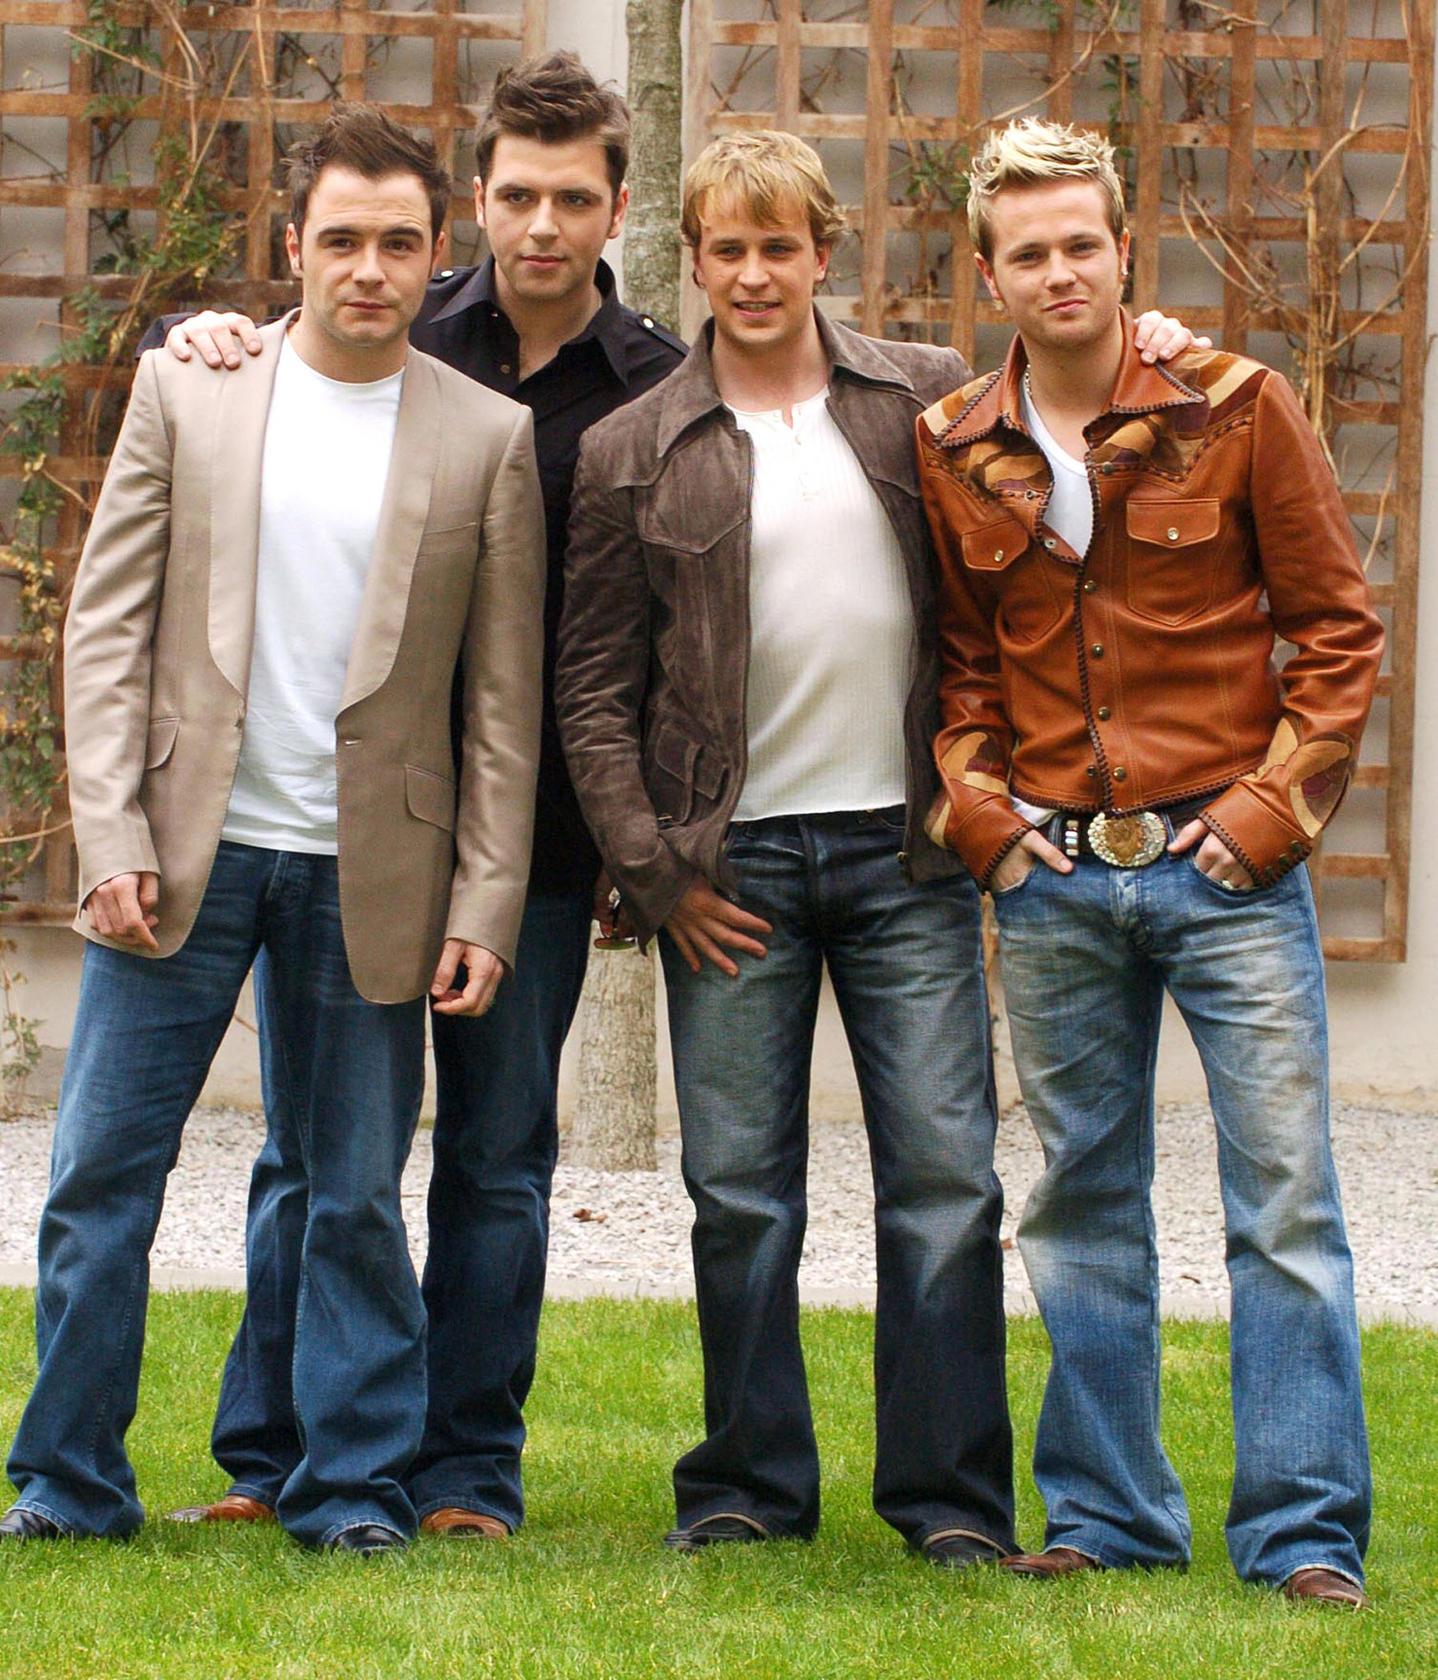 Former Westlife member Shane Filan loves singing, but sees